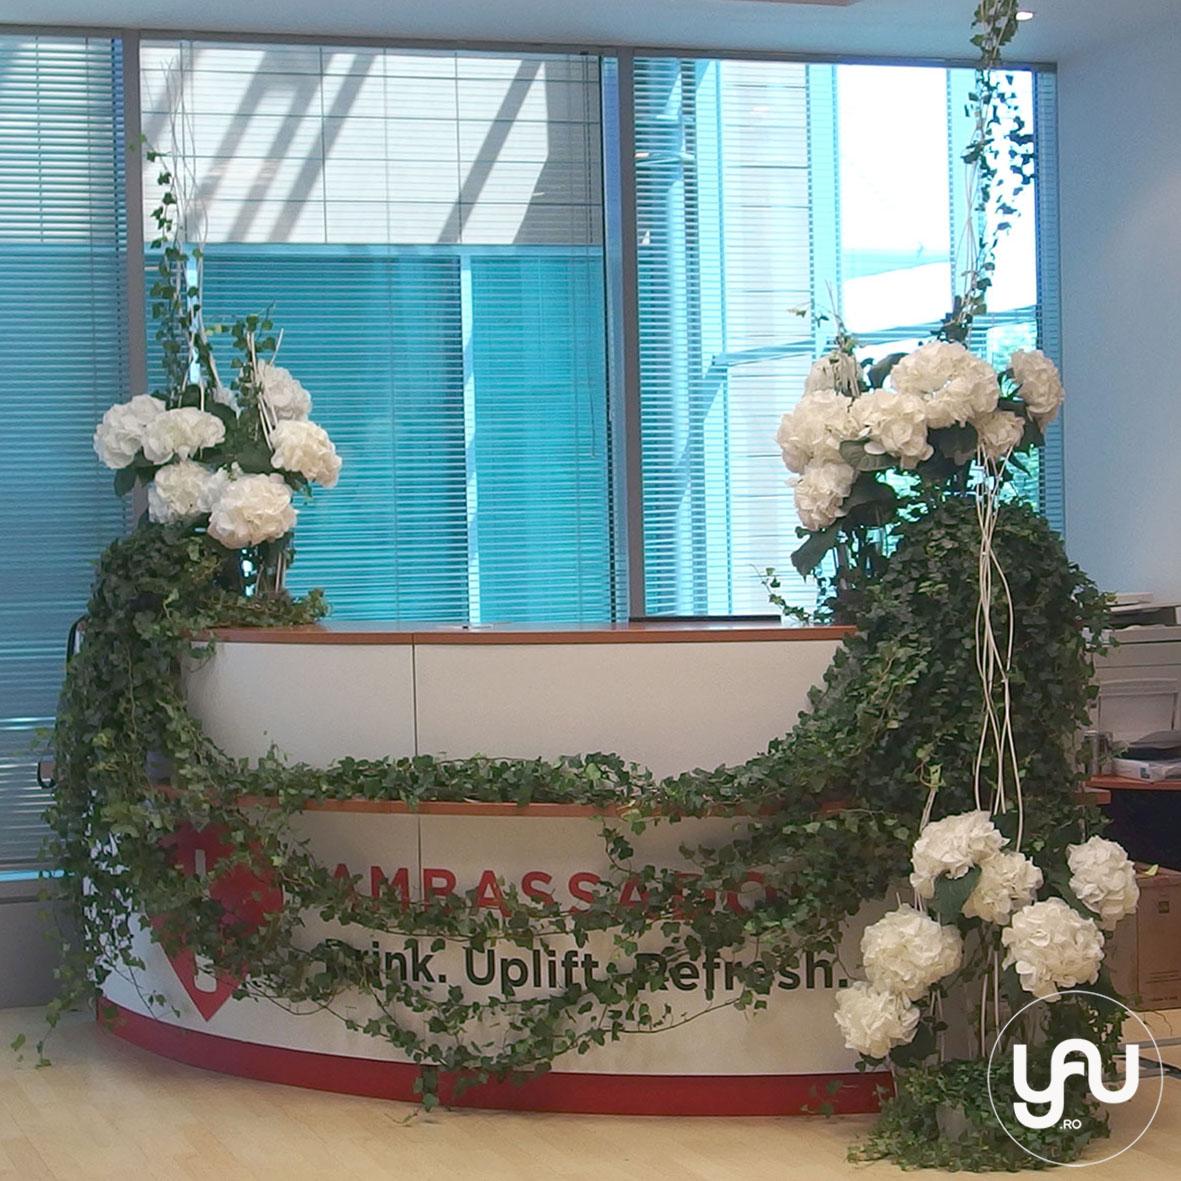 yau events 2015_cranjul cu flori albe de la birou - pentru DORNA ROMANIA _ orhidee_hortensii (16)